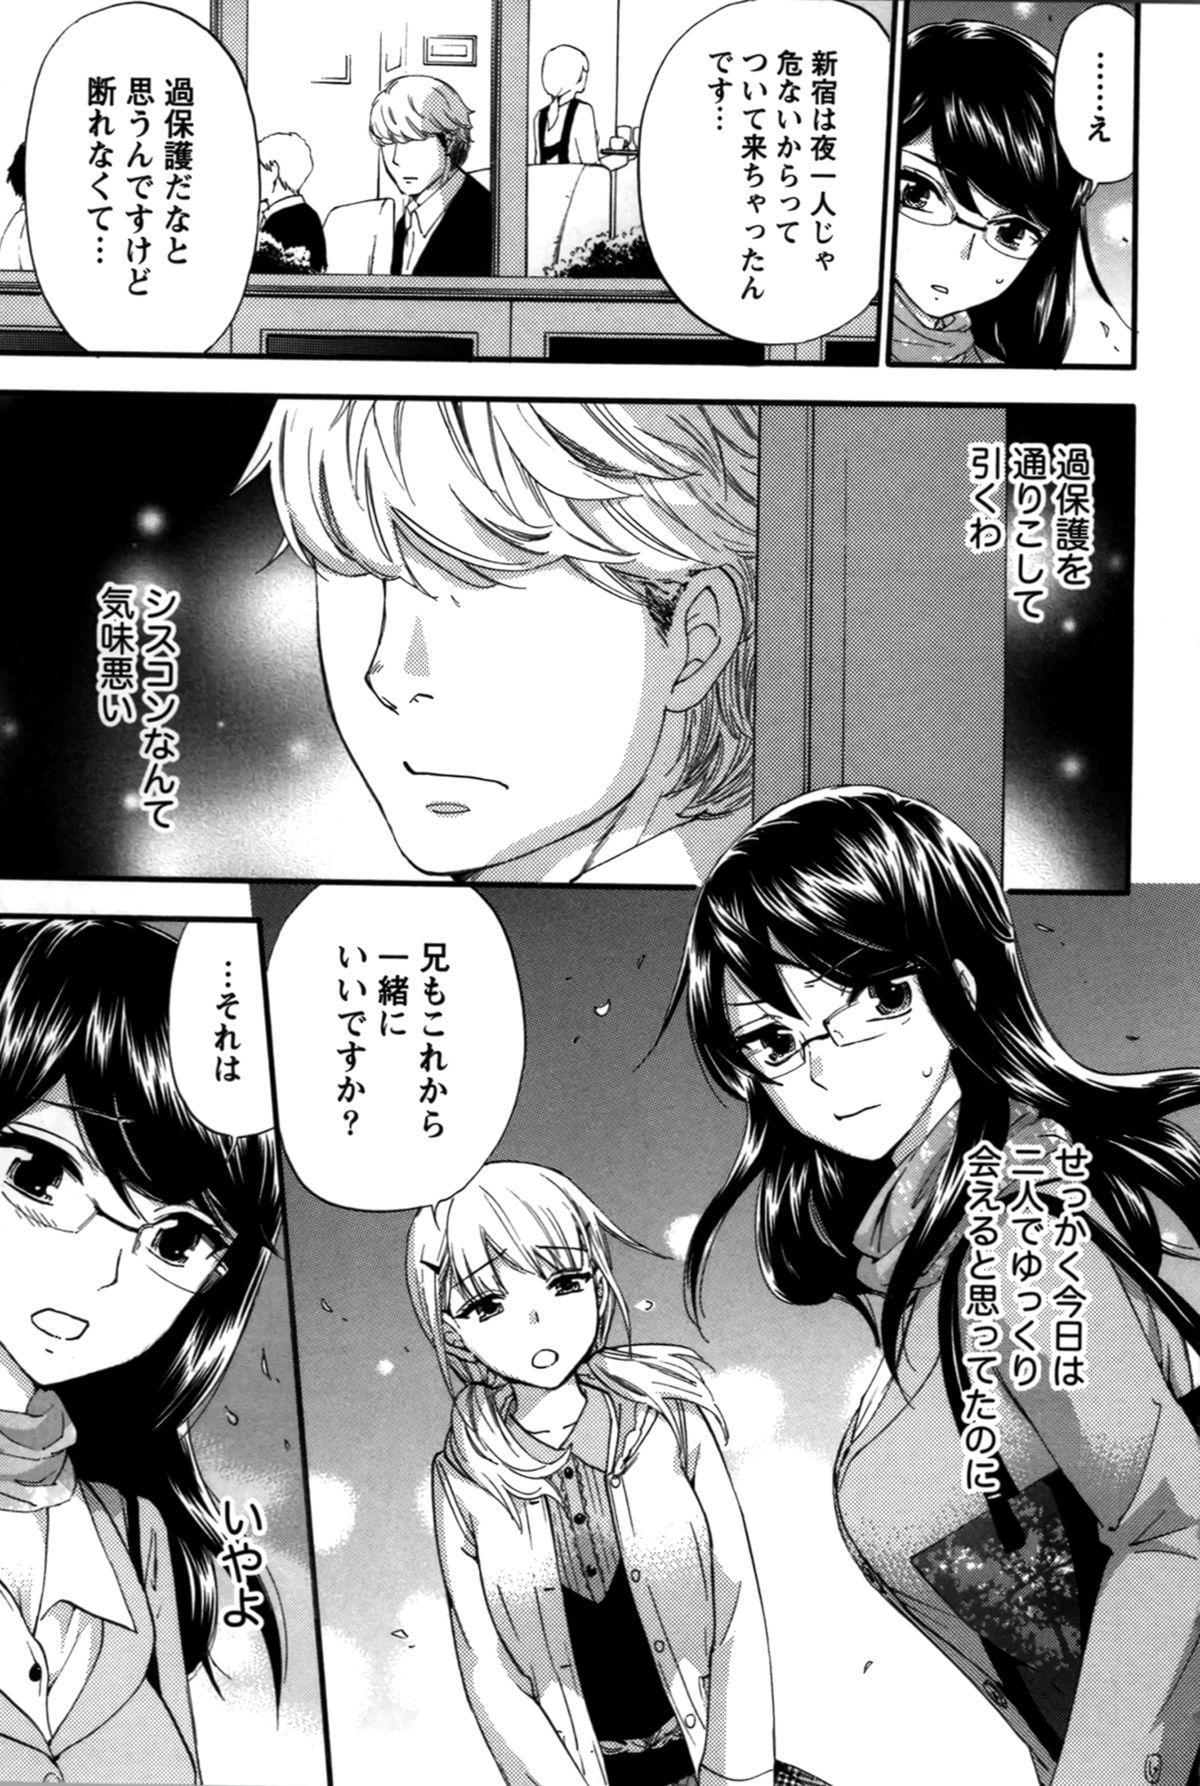 Anata to Watashi wa Warukunai 159